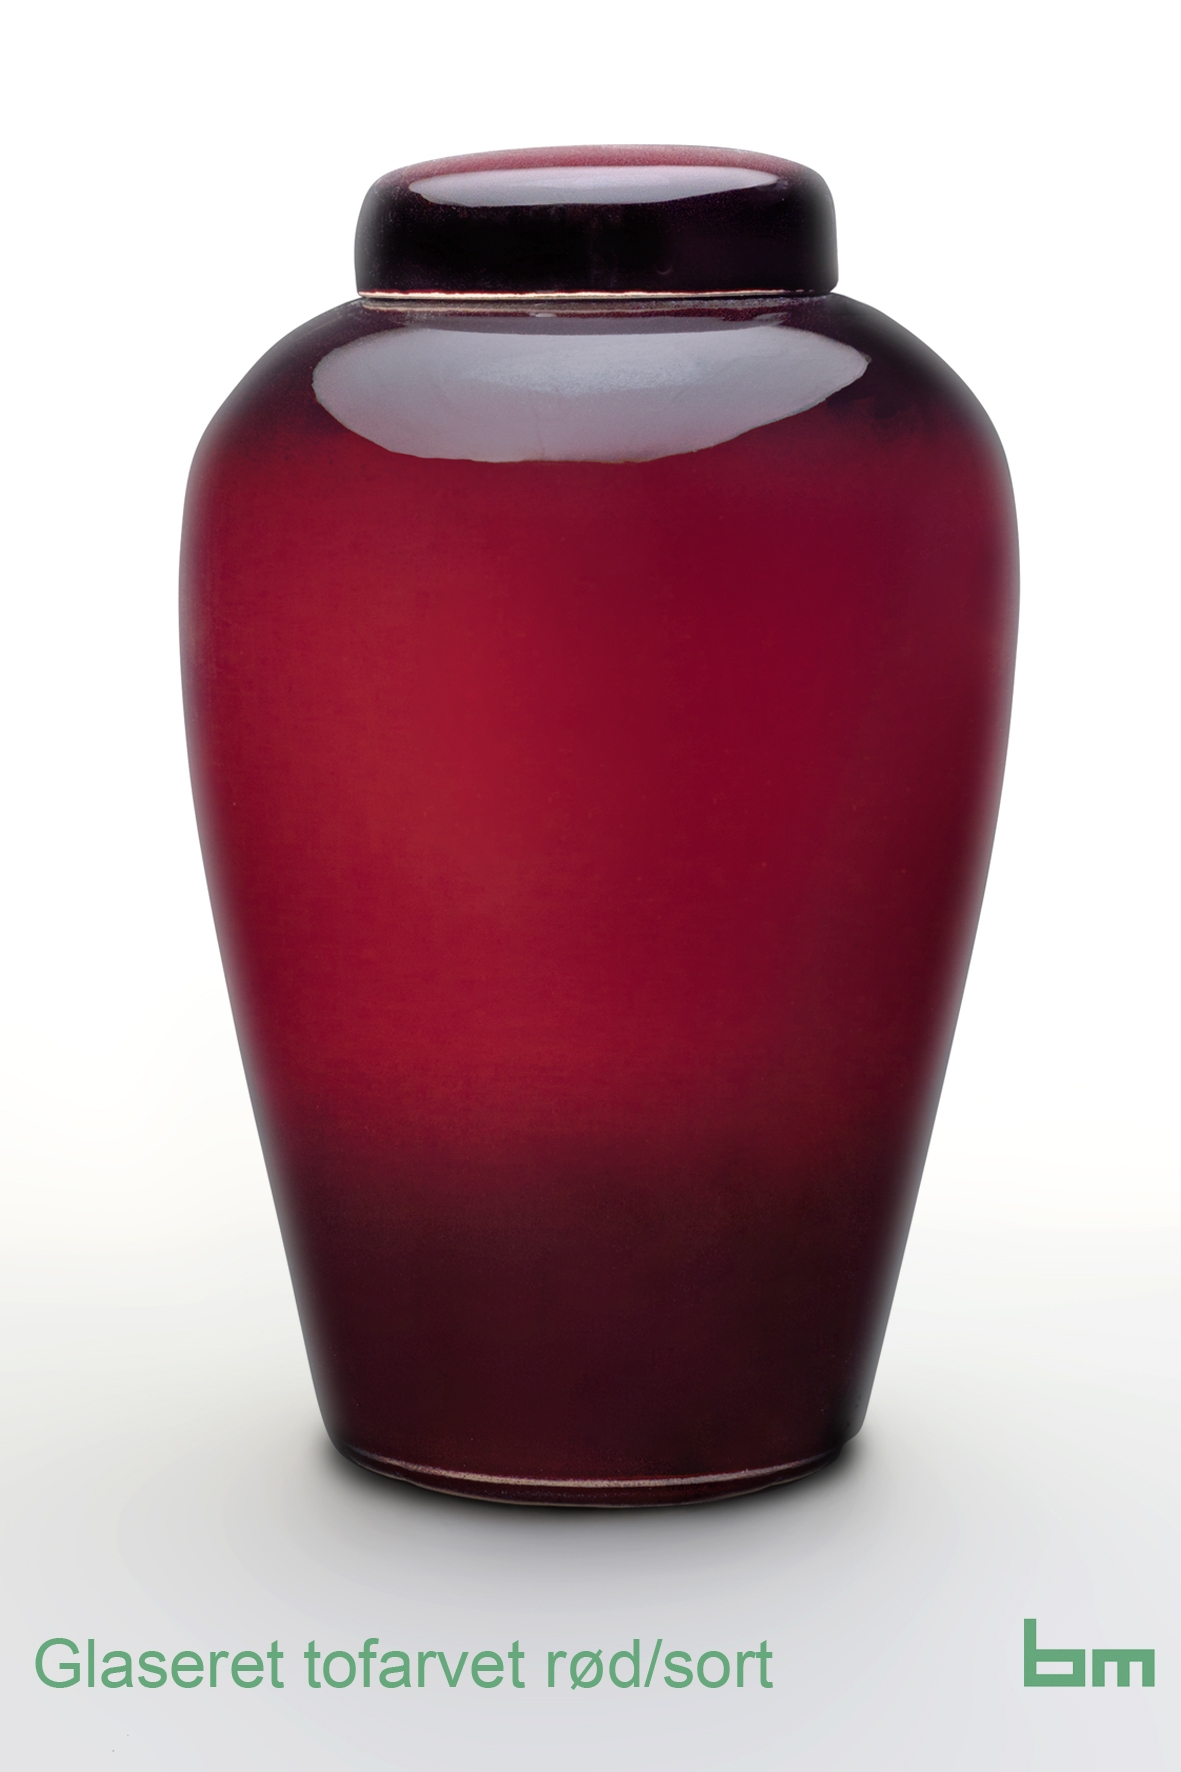 Glaseret tofarvet rødsort